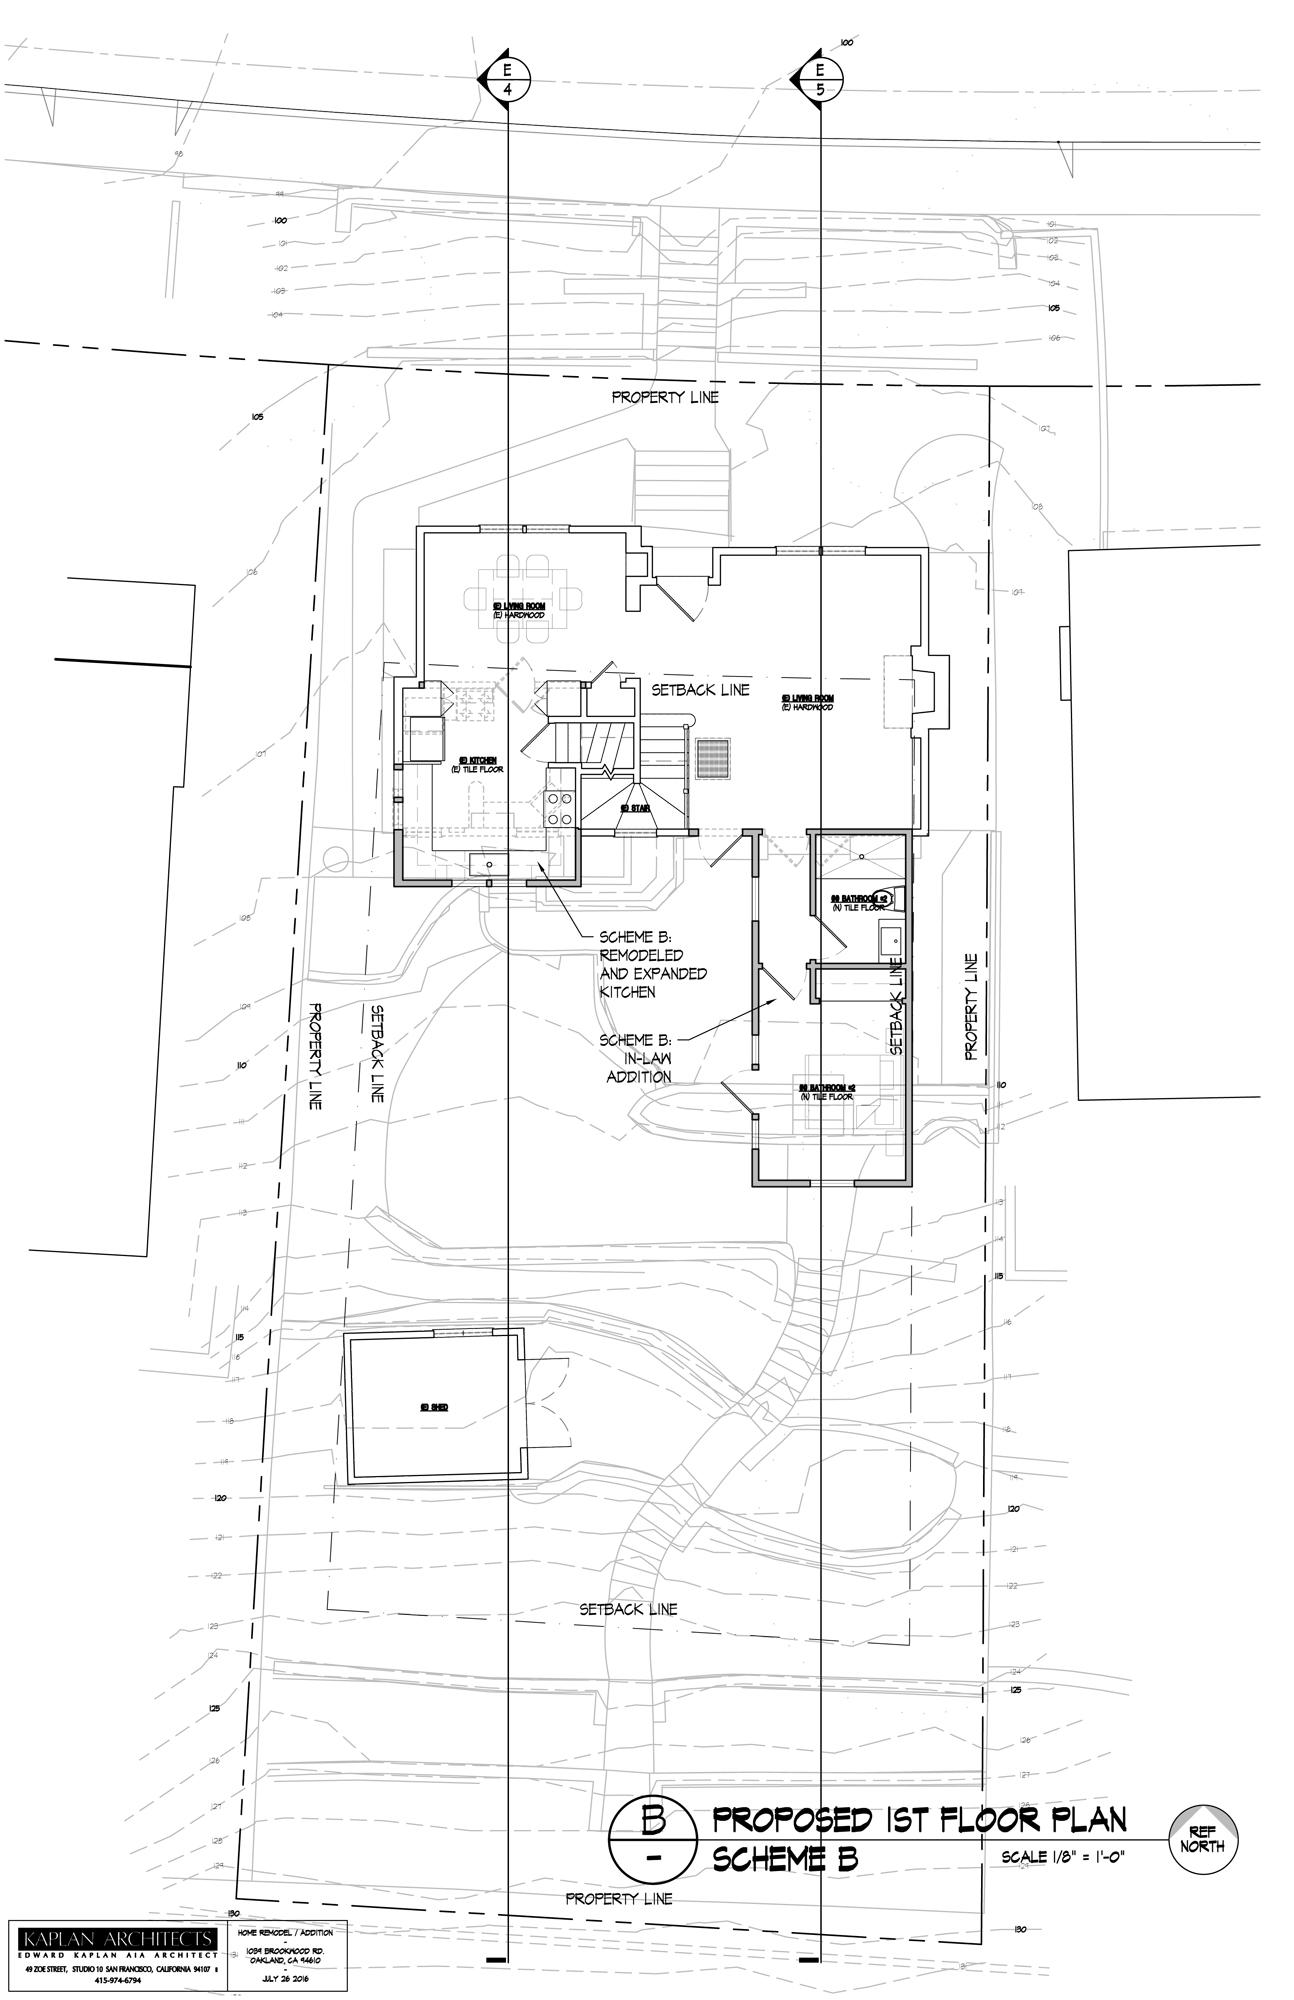 Master-Plan-Scheme-B.jpg